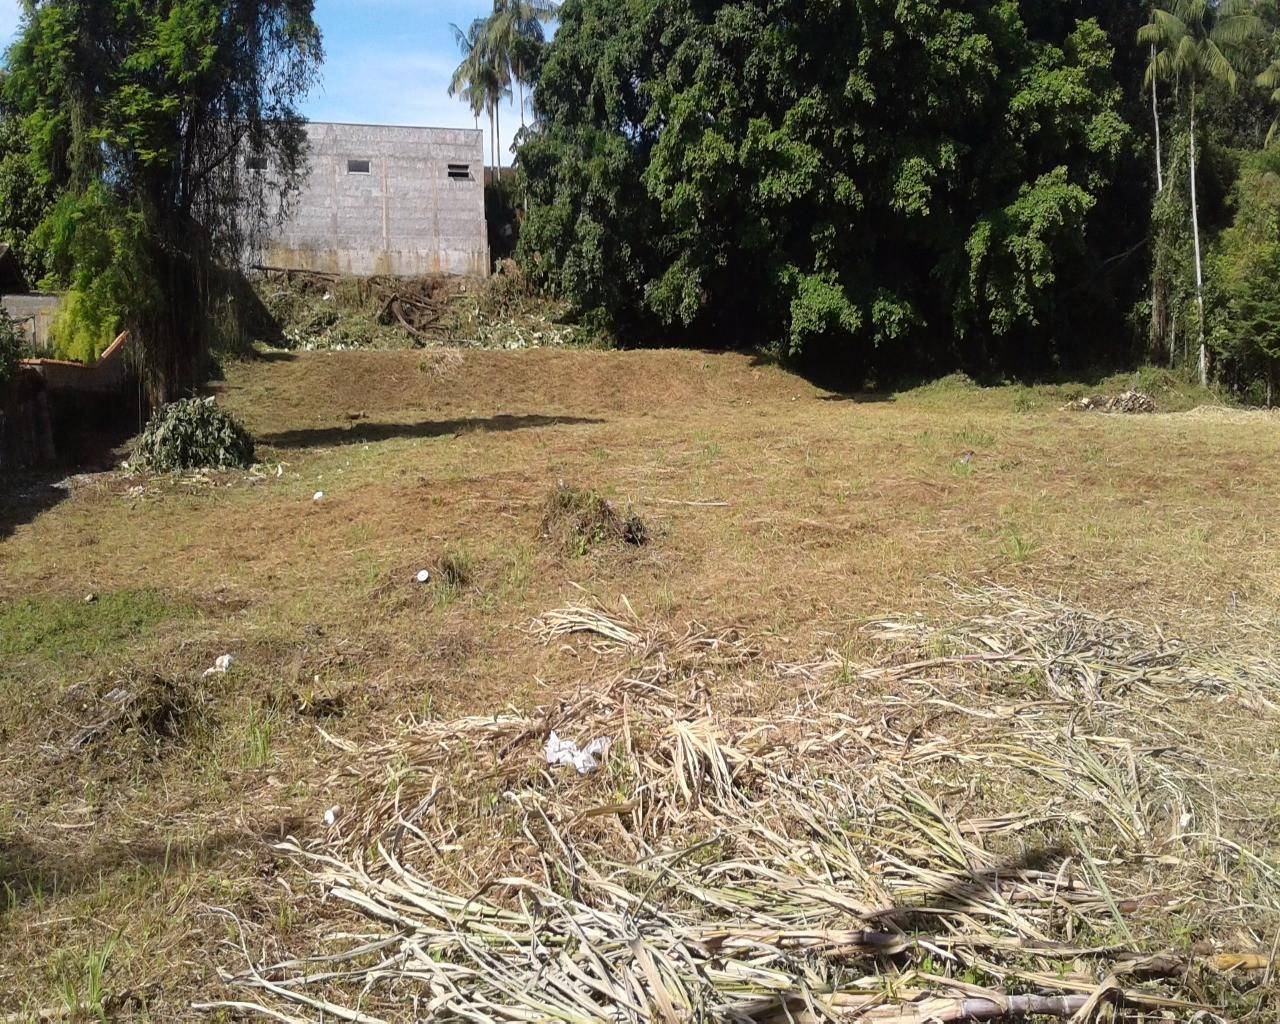 Terreno/Lote à venda, 3.451 m² por R$ 1.425.000,00